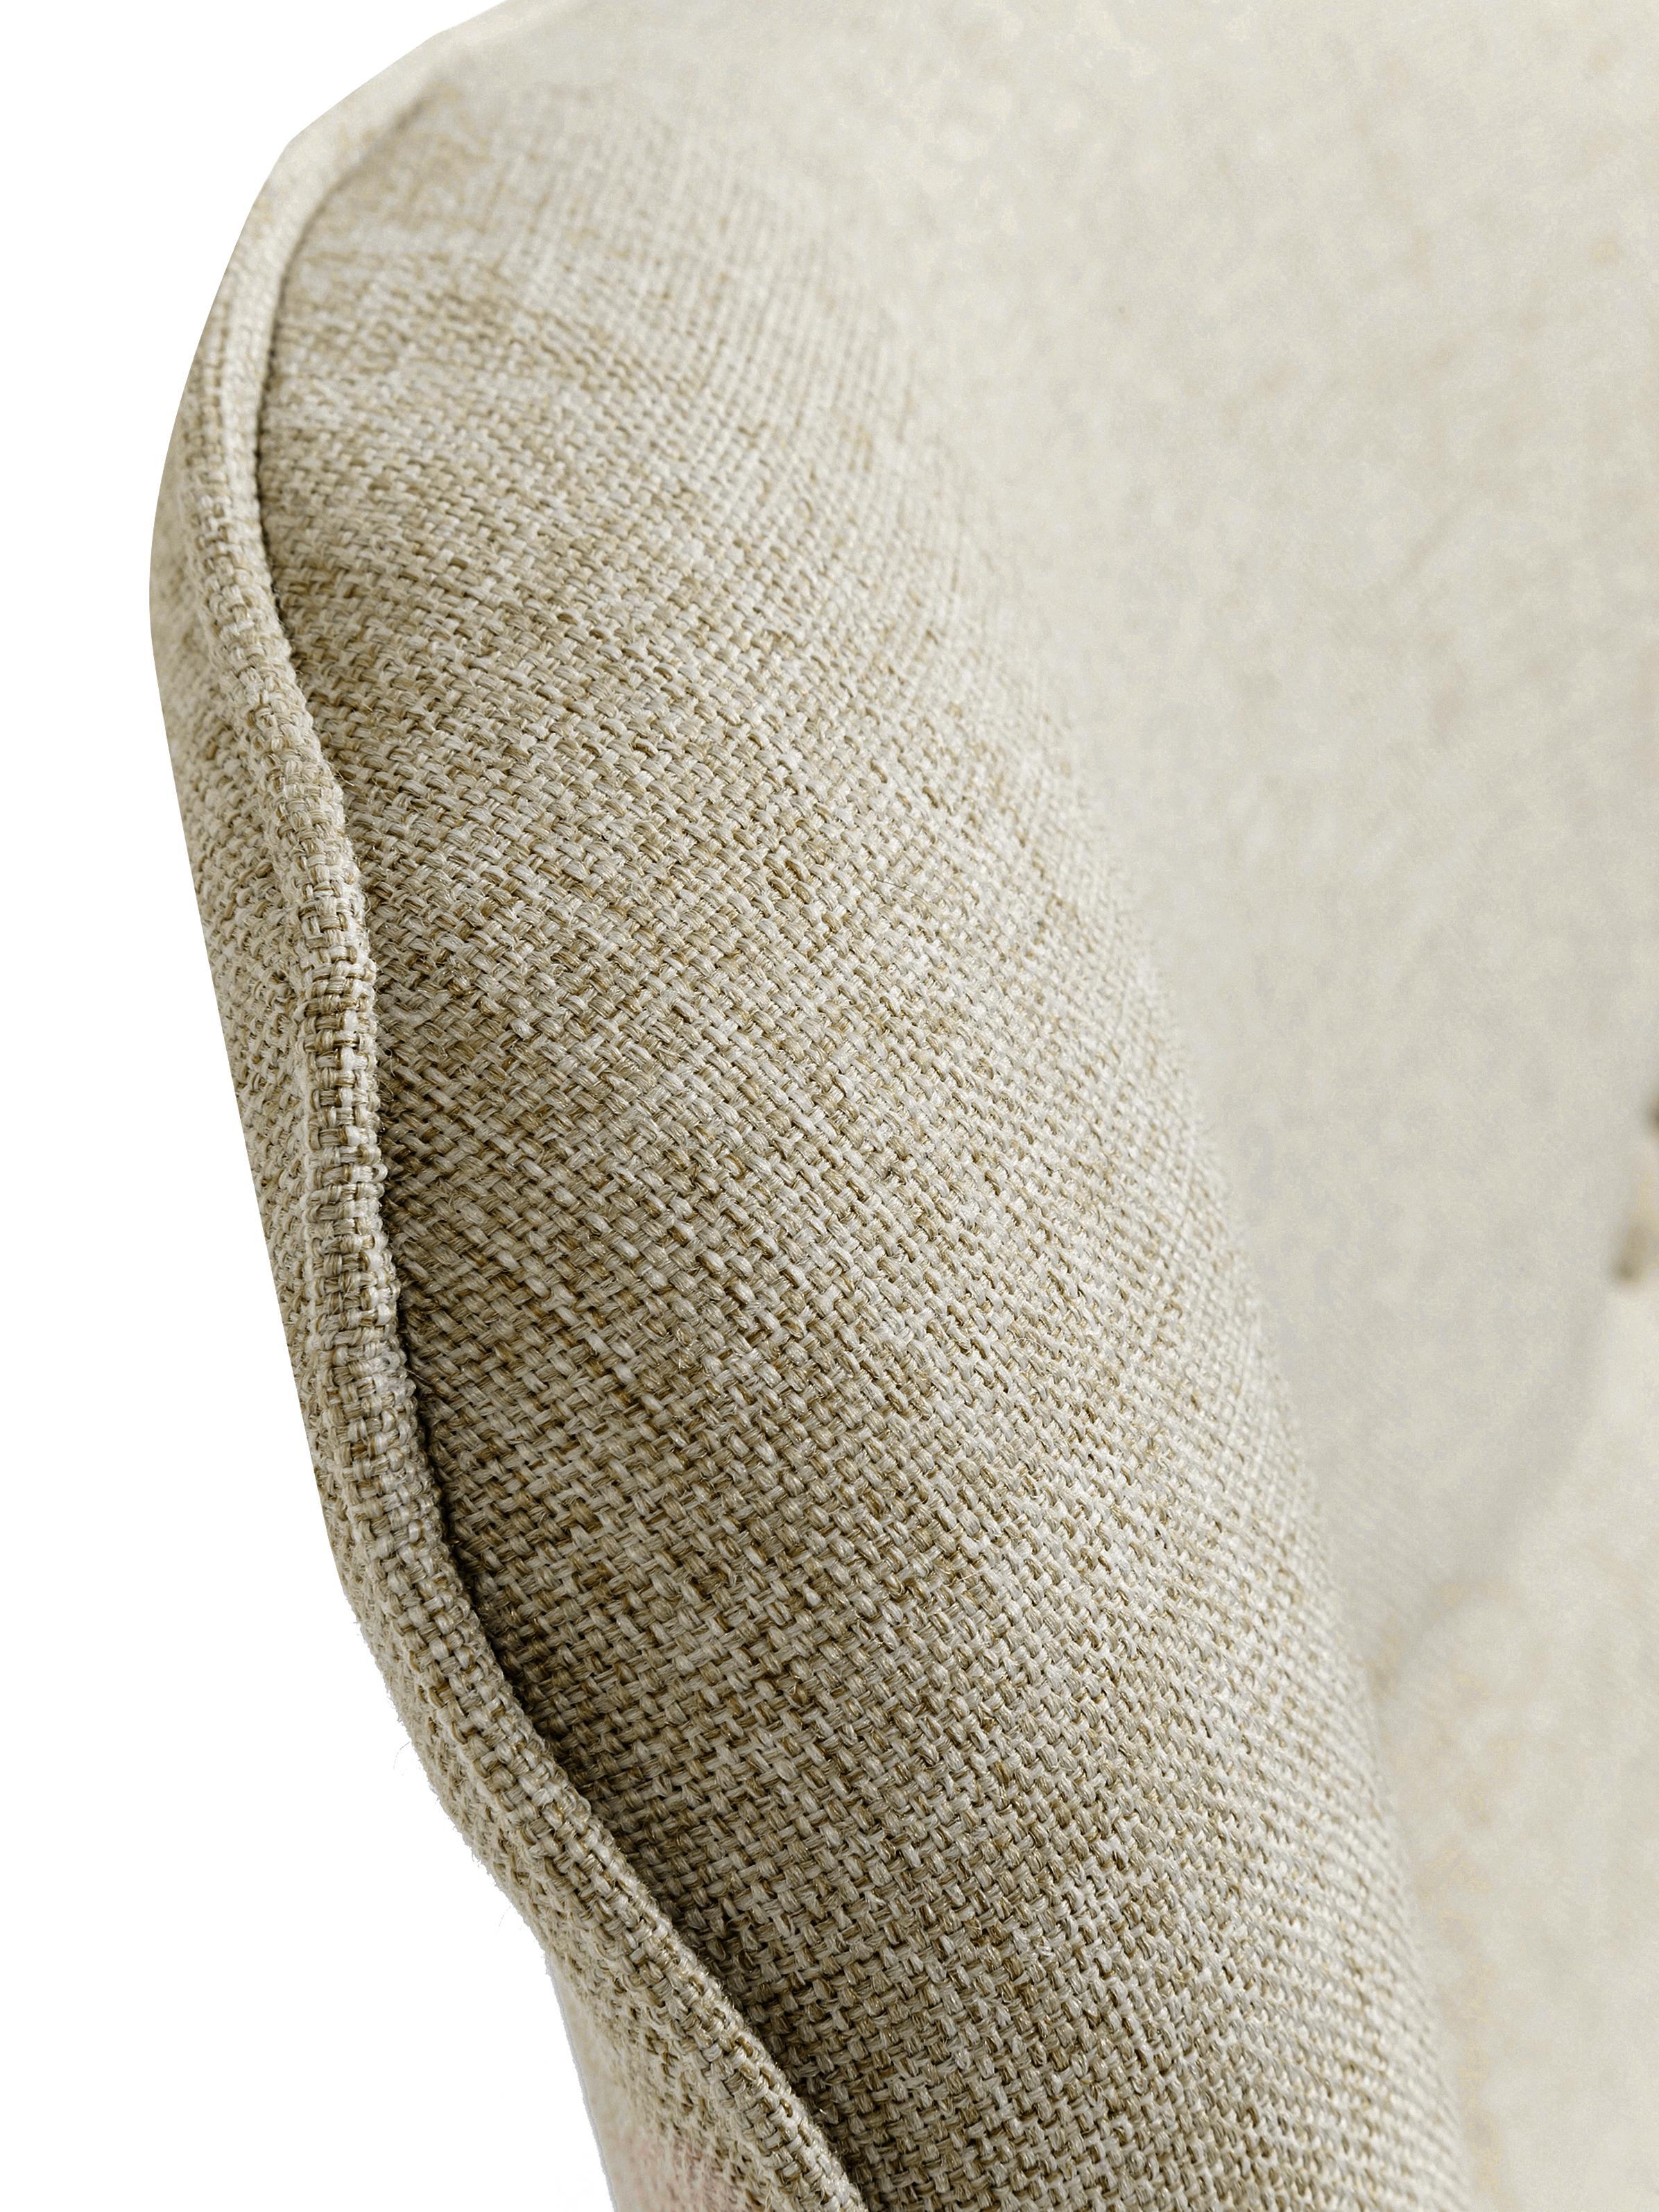 Ohrensessel Vicky in Cremefarben, Bezug: Polyester Der hochwertige, Beine: Eichenholz, massiv, gebei, Korpus: Buche Spanplatte, naturbe, Webstoff Cremefarben, B 59 x T 63 cm